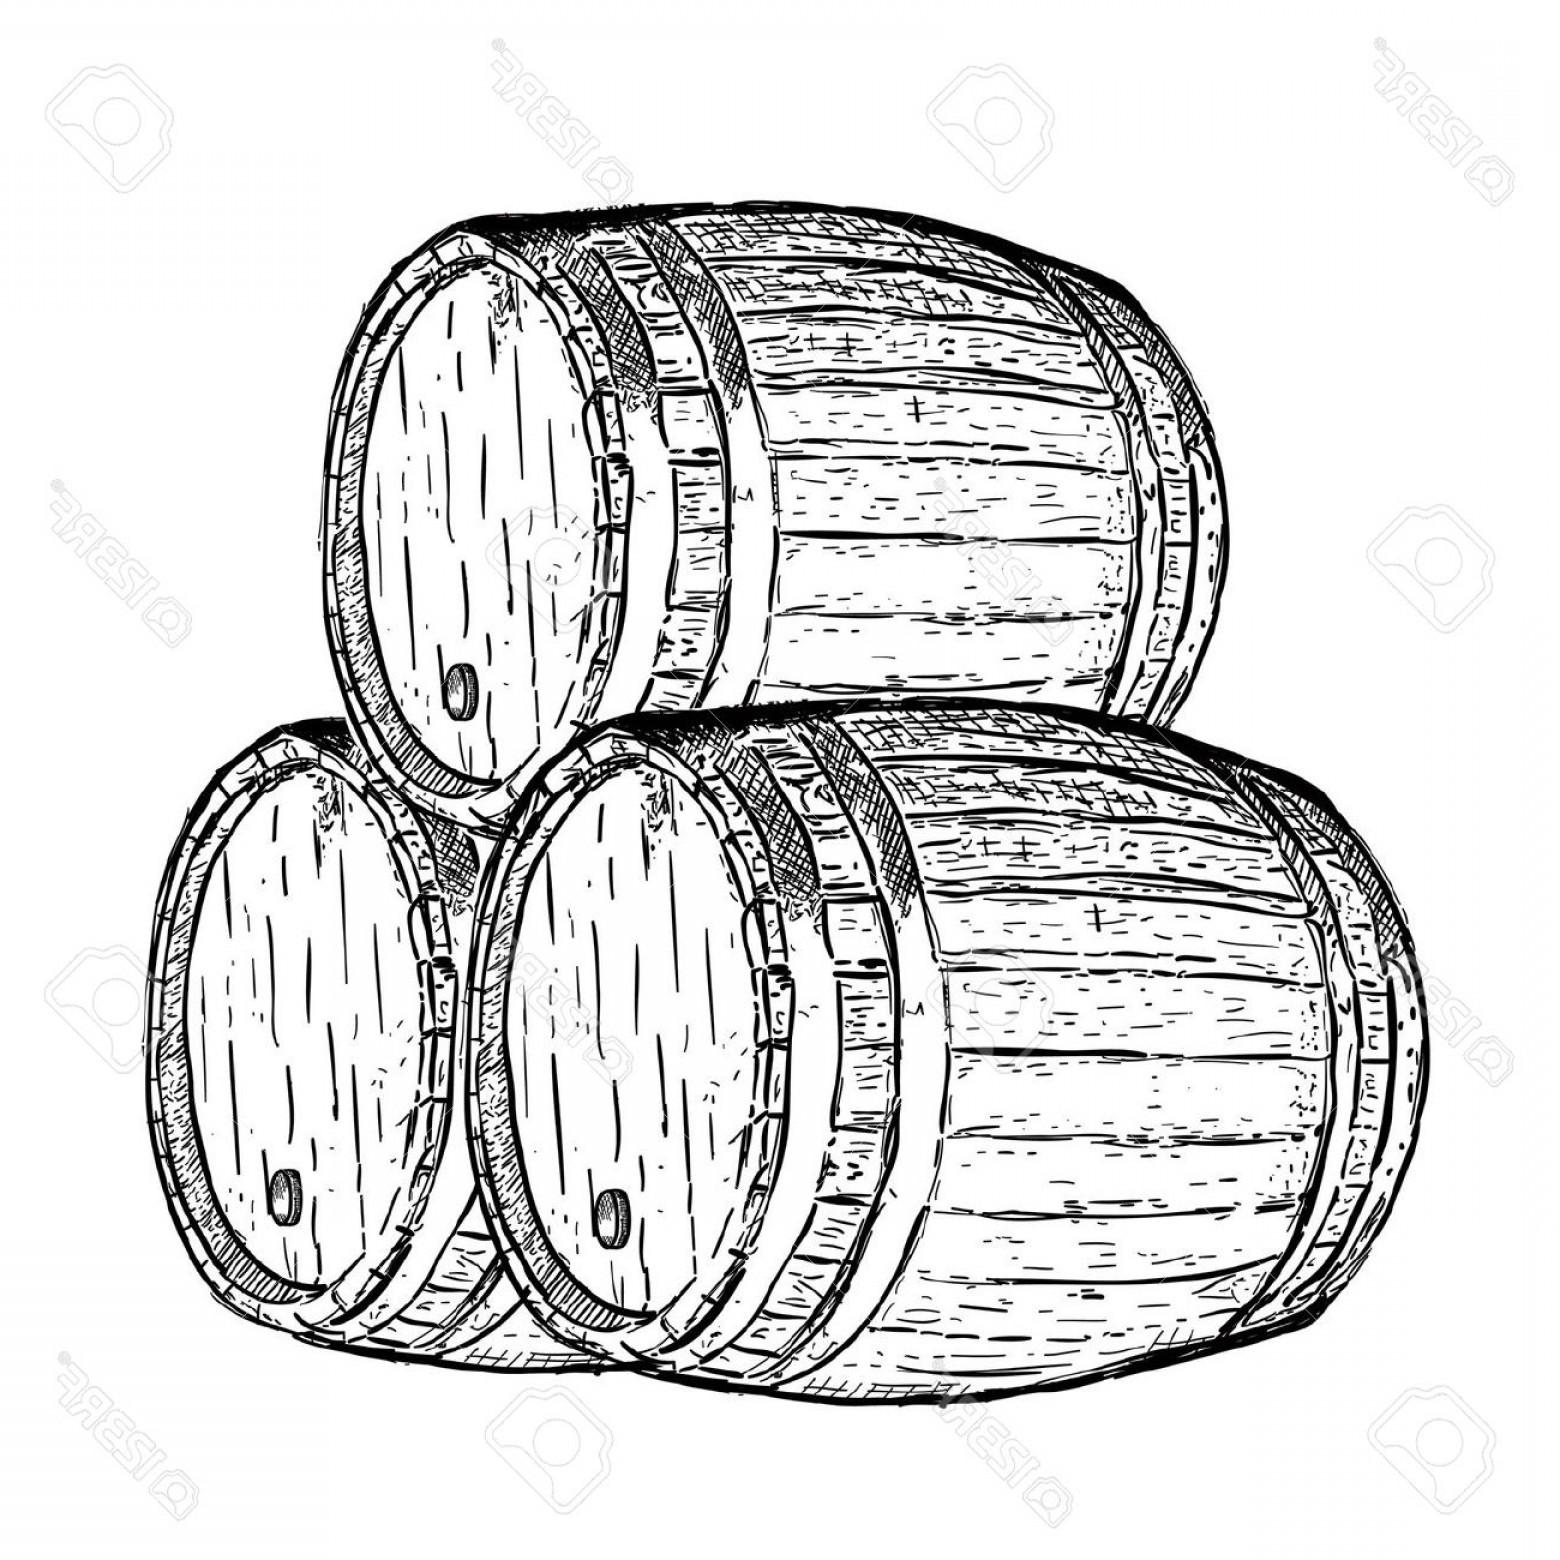 Wine cliparts x making. Barrel clipart oak barrel